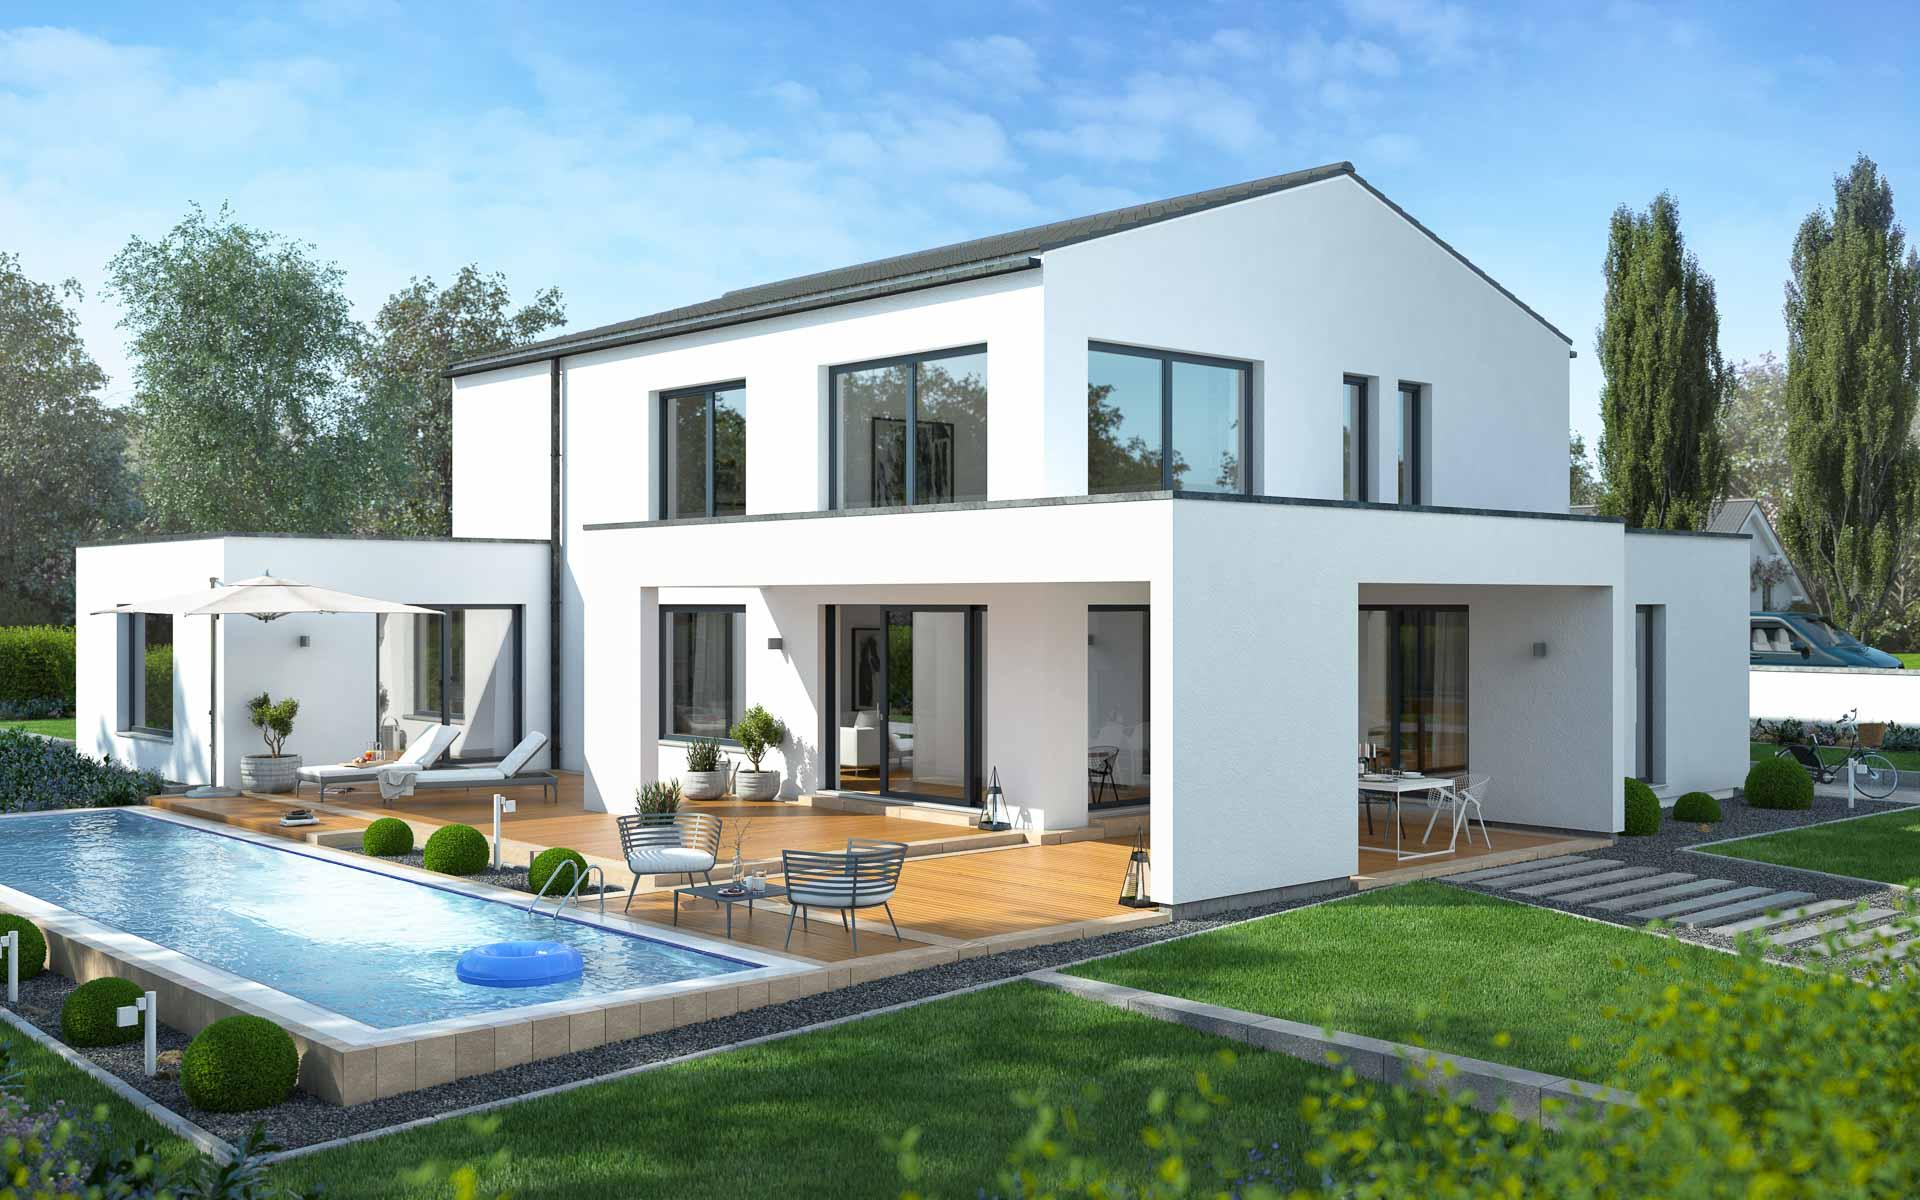 Einfamilienhaus in moderner Architektur | mkm traumhäuser